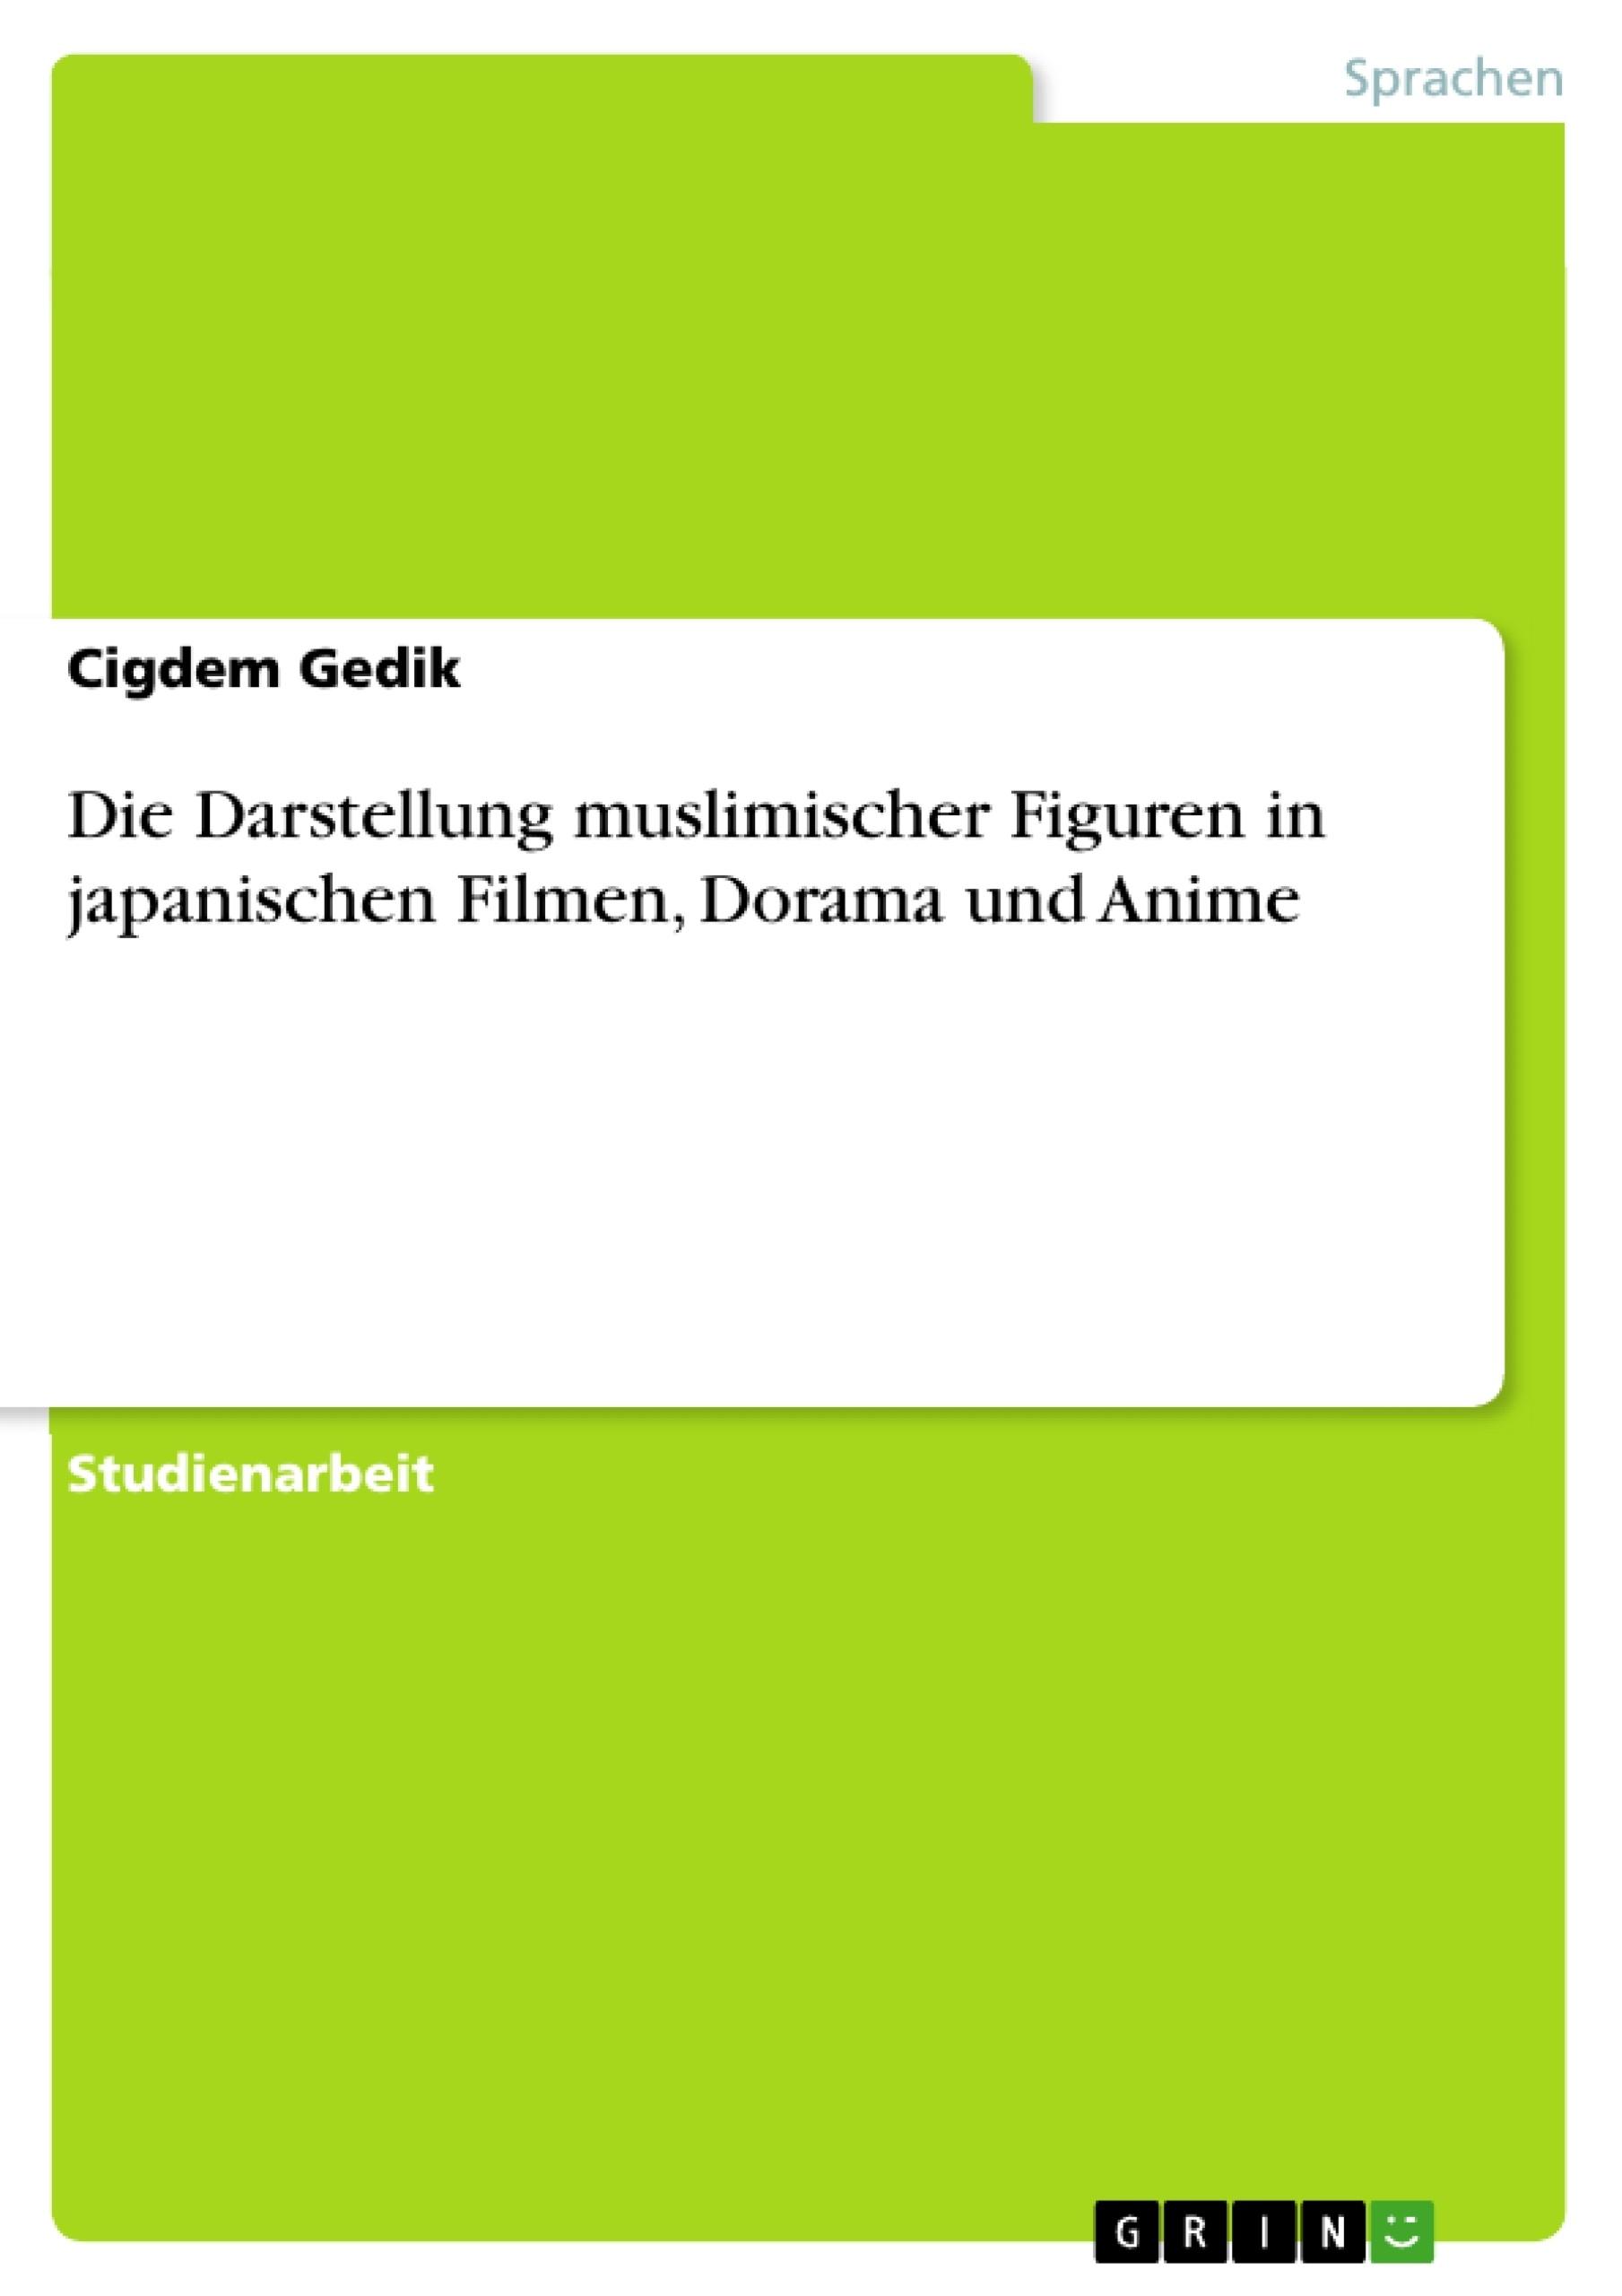 Titel: Die Darstellung muslimischer Figuren in japanischen  Filmen, Dorama und Anime